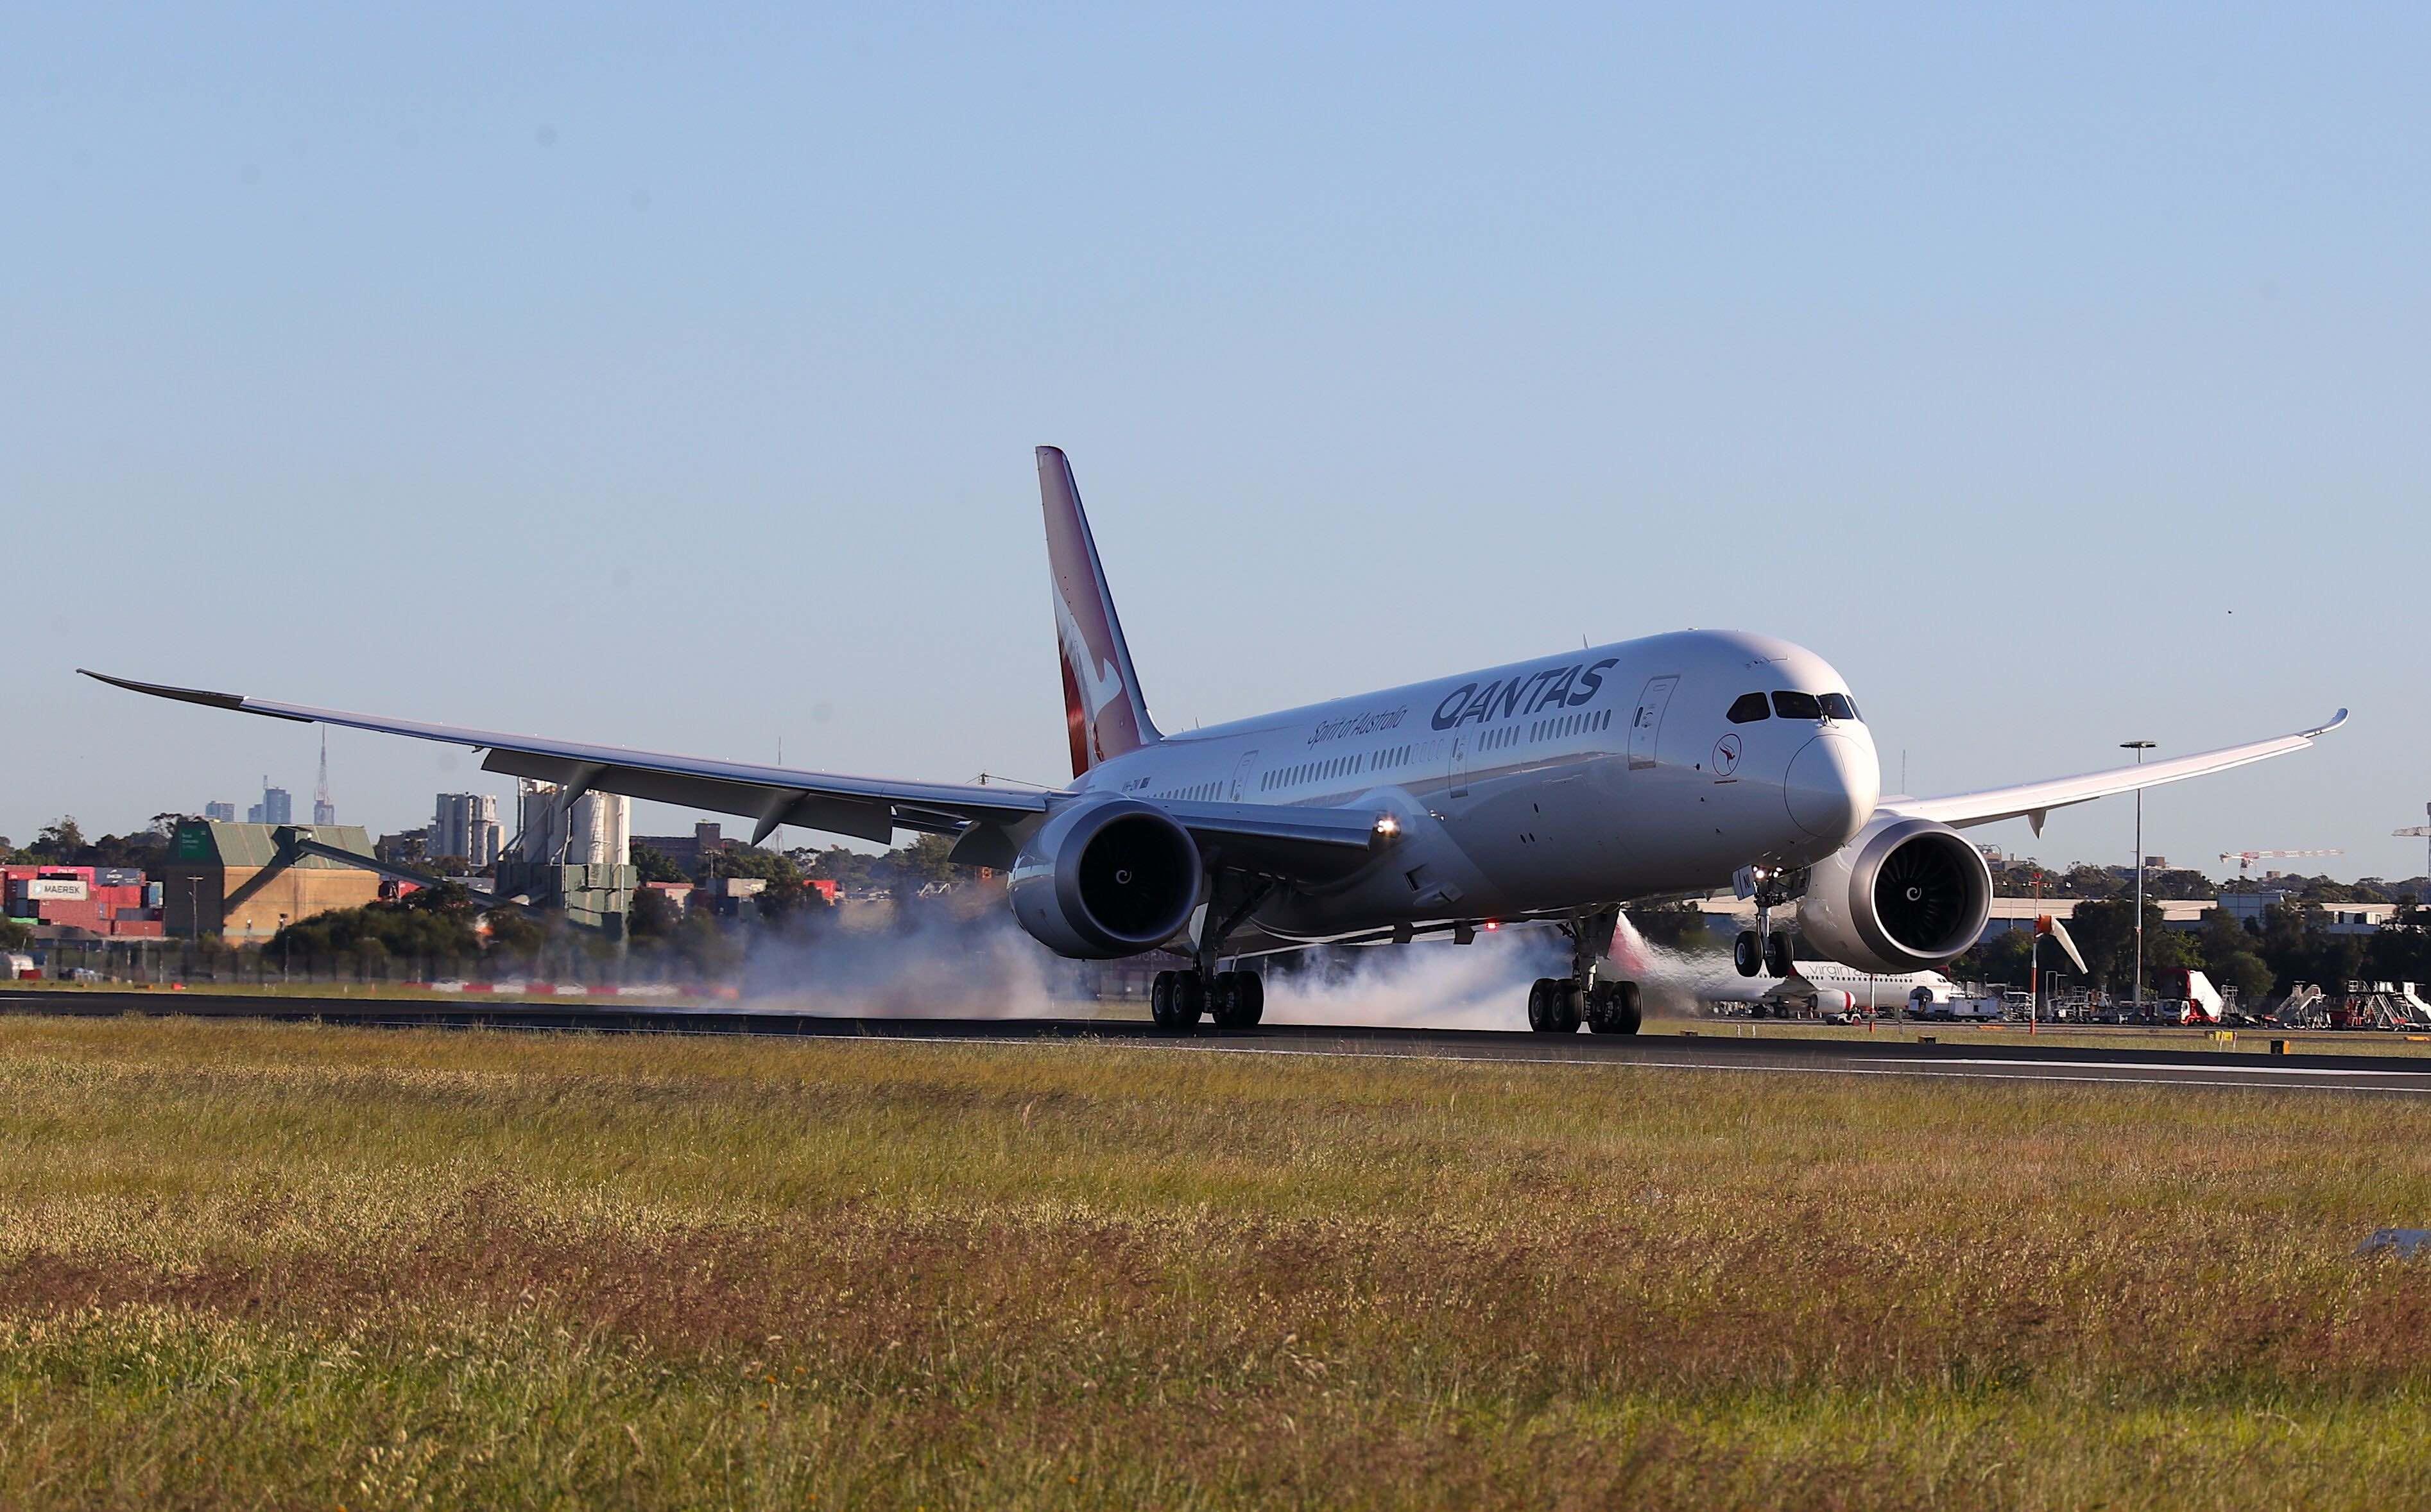 カンタス航空、超長距離の19時間超「ニューヨーク/シドニー」線の調査飛行を実施、定期運航へ弾み